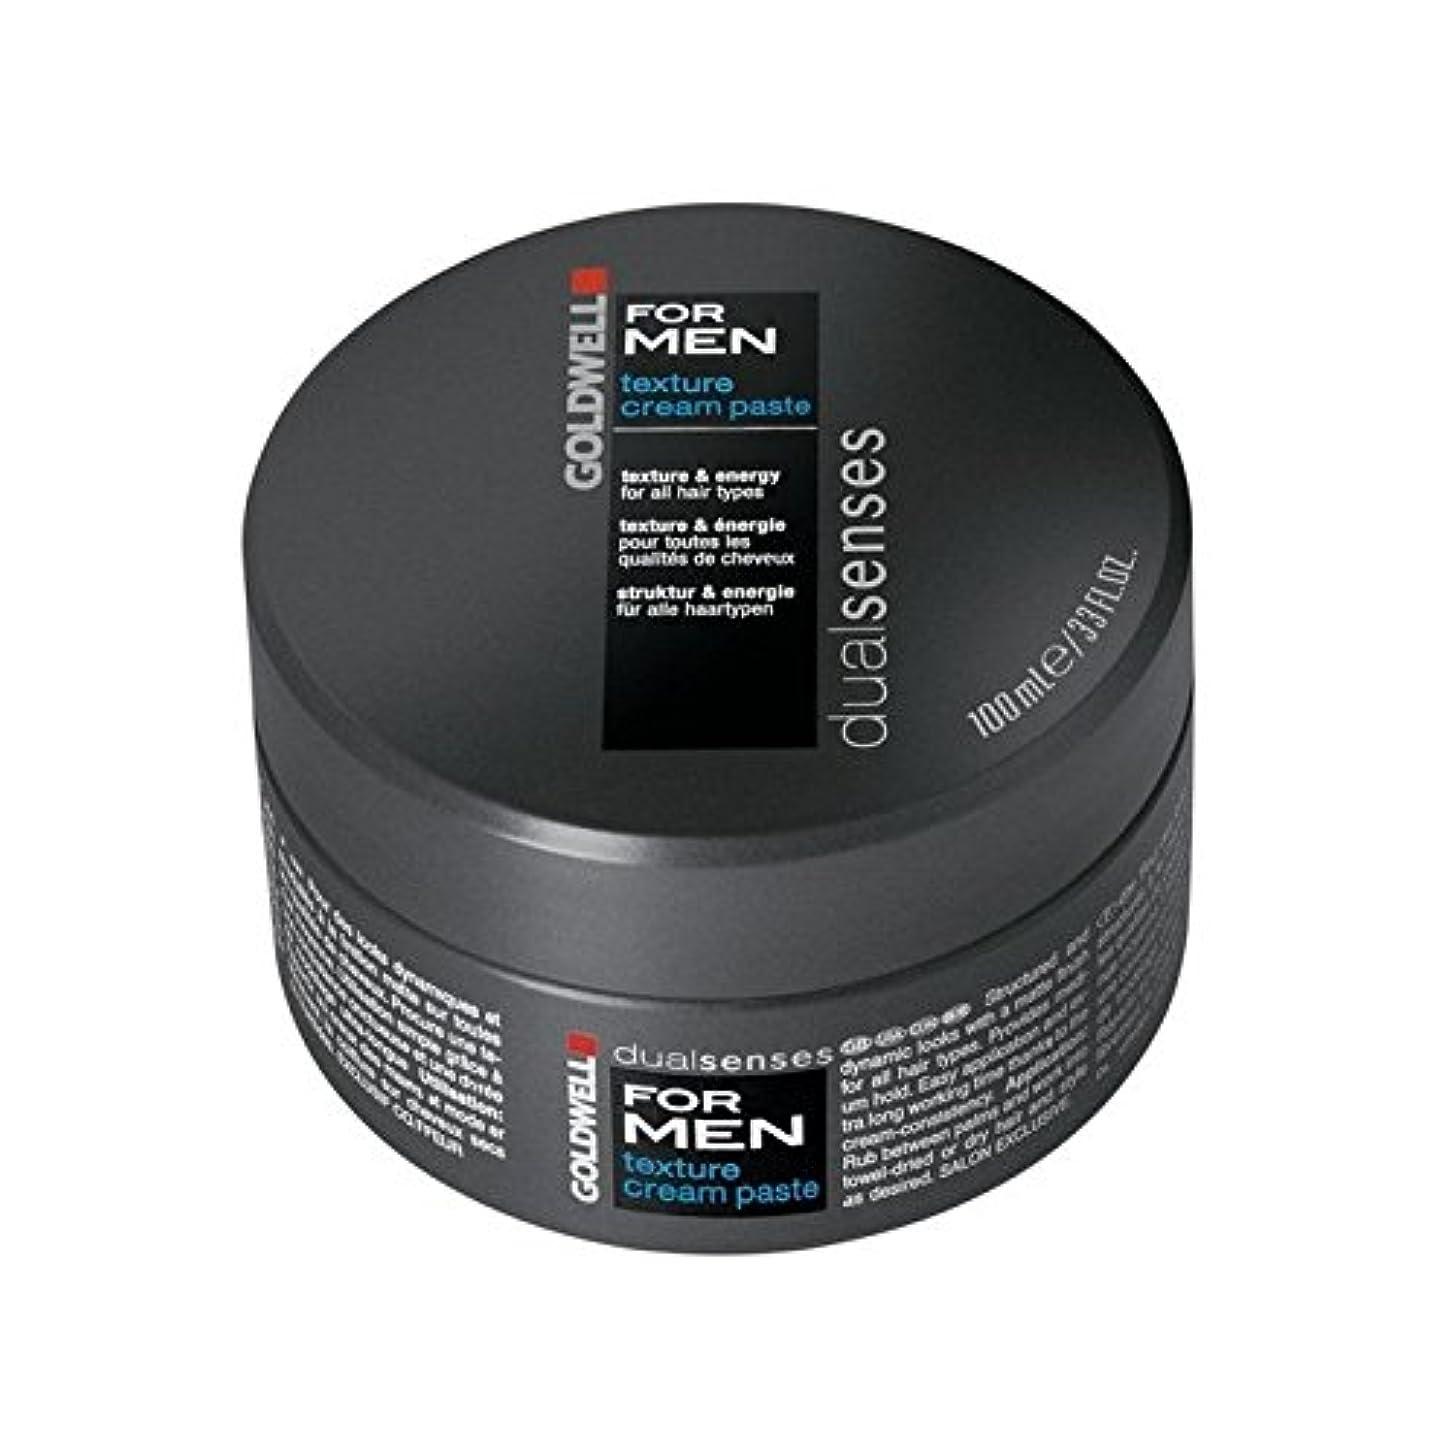 冷蔵庫彼らは朝ごはんGoldwell Dualsenses For Men Texture Cream Paste (100ml) (Pack of 6) - 男性のテクスチャーのクリームペースト(100ミリリットル)のためのの x6 [並行輸入品]